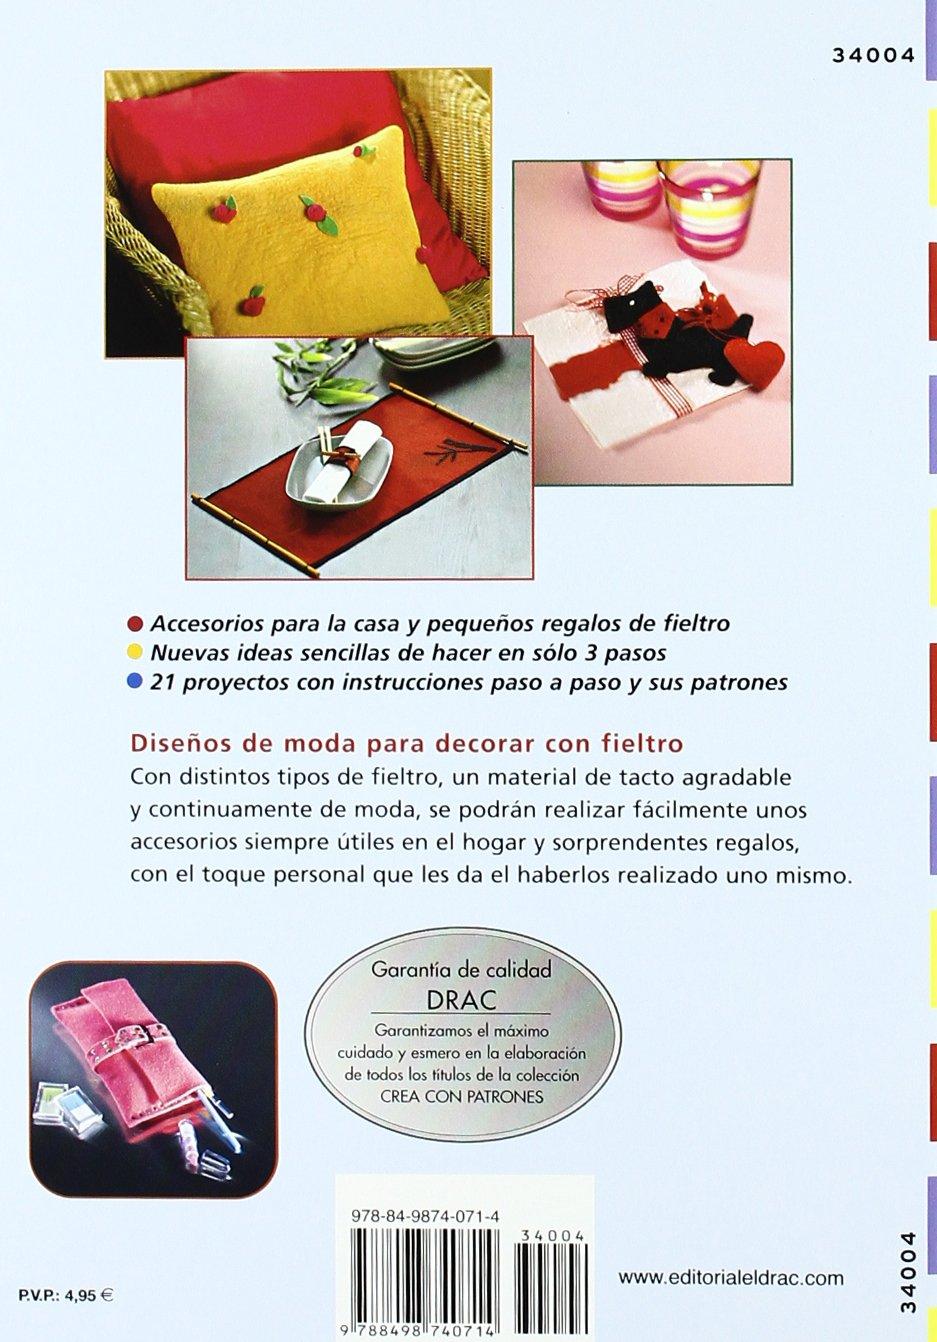 Complementos y adornos fáciles para casa con fieltro, libro con patrones por sólo 4'90€